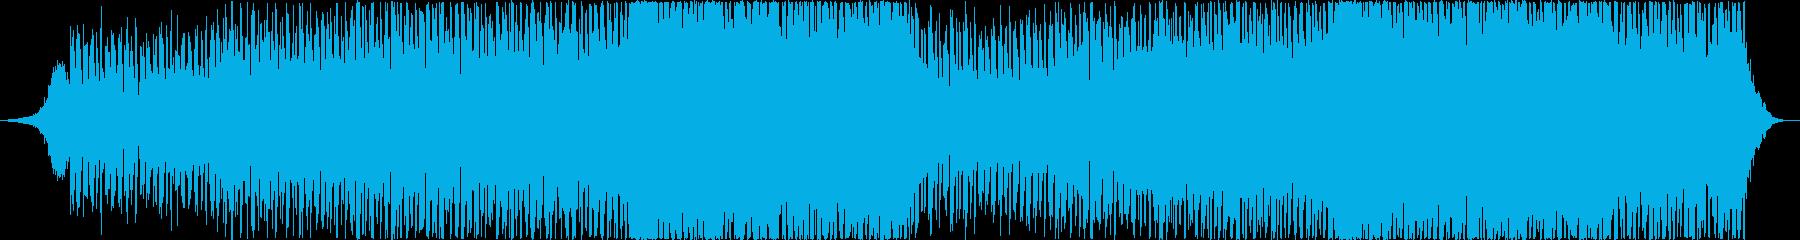 映画音楽、シネマティック映像向け-16の再生済みの波形